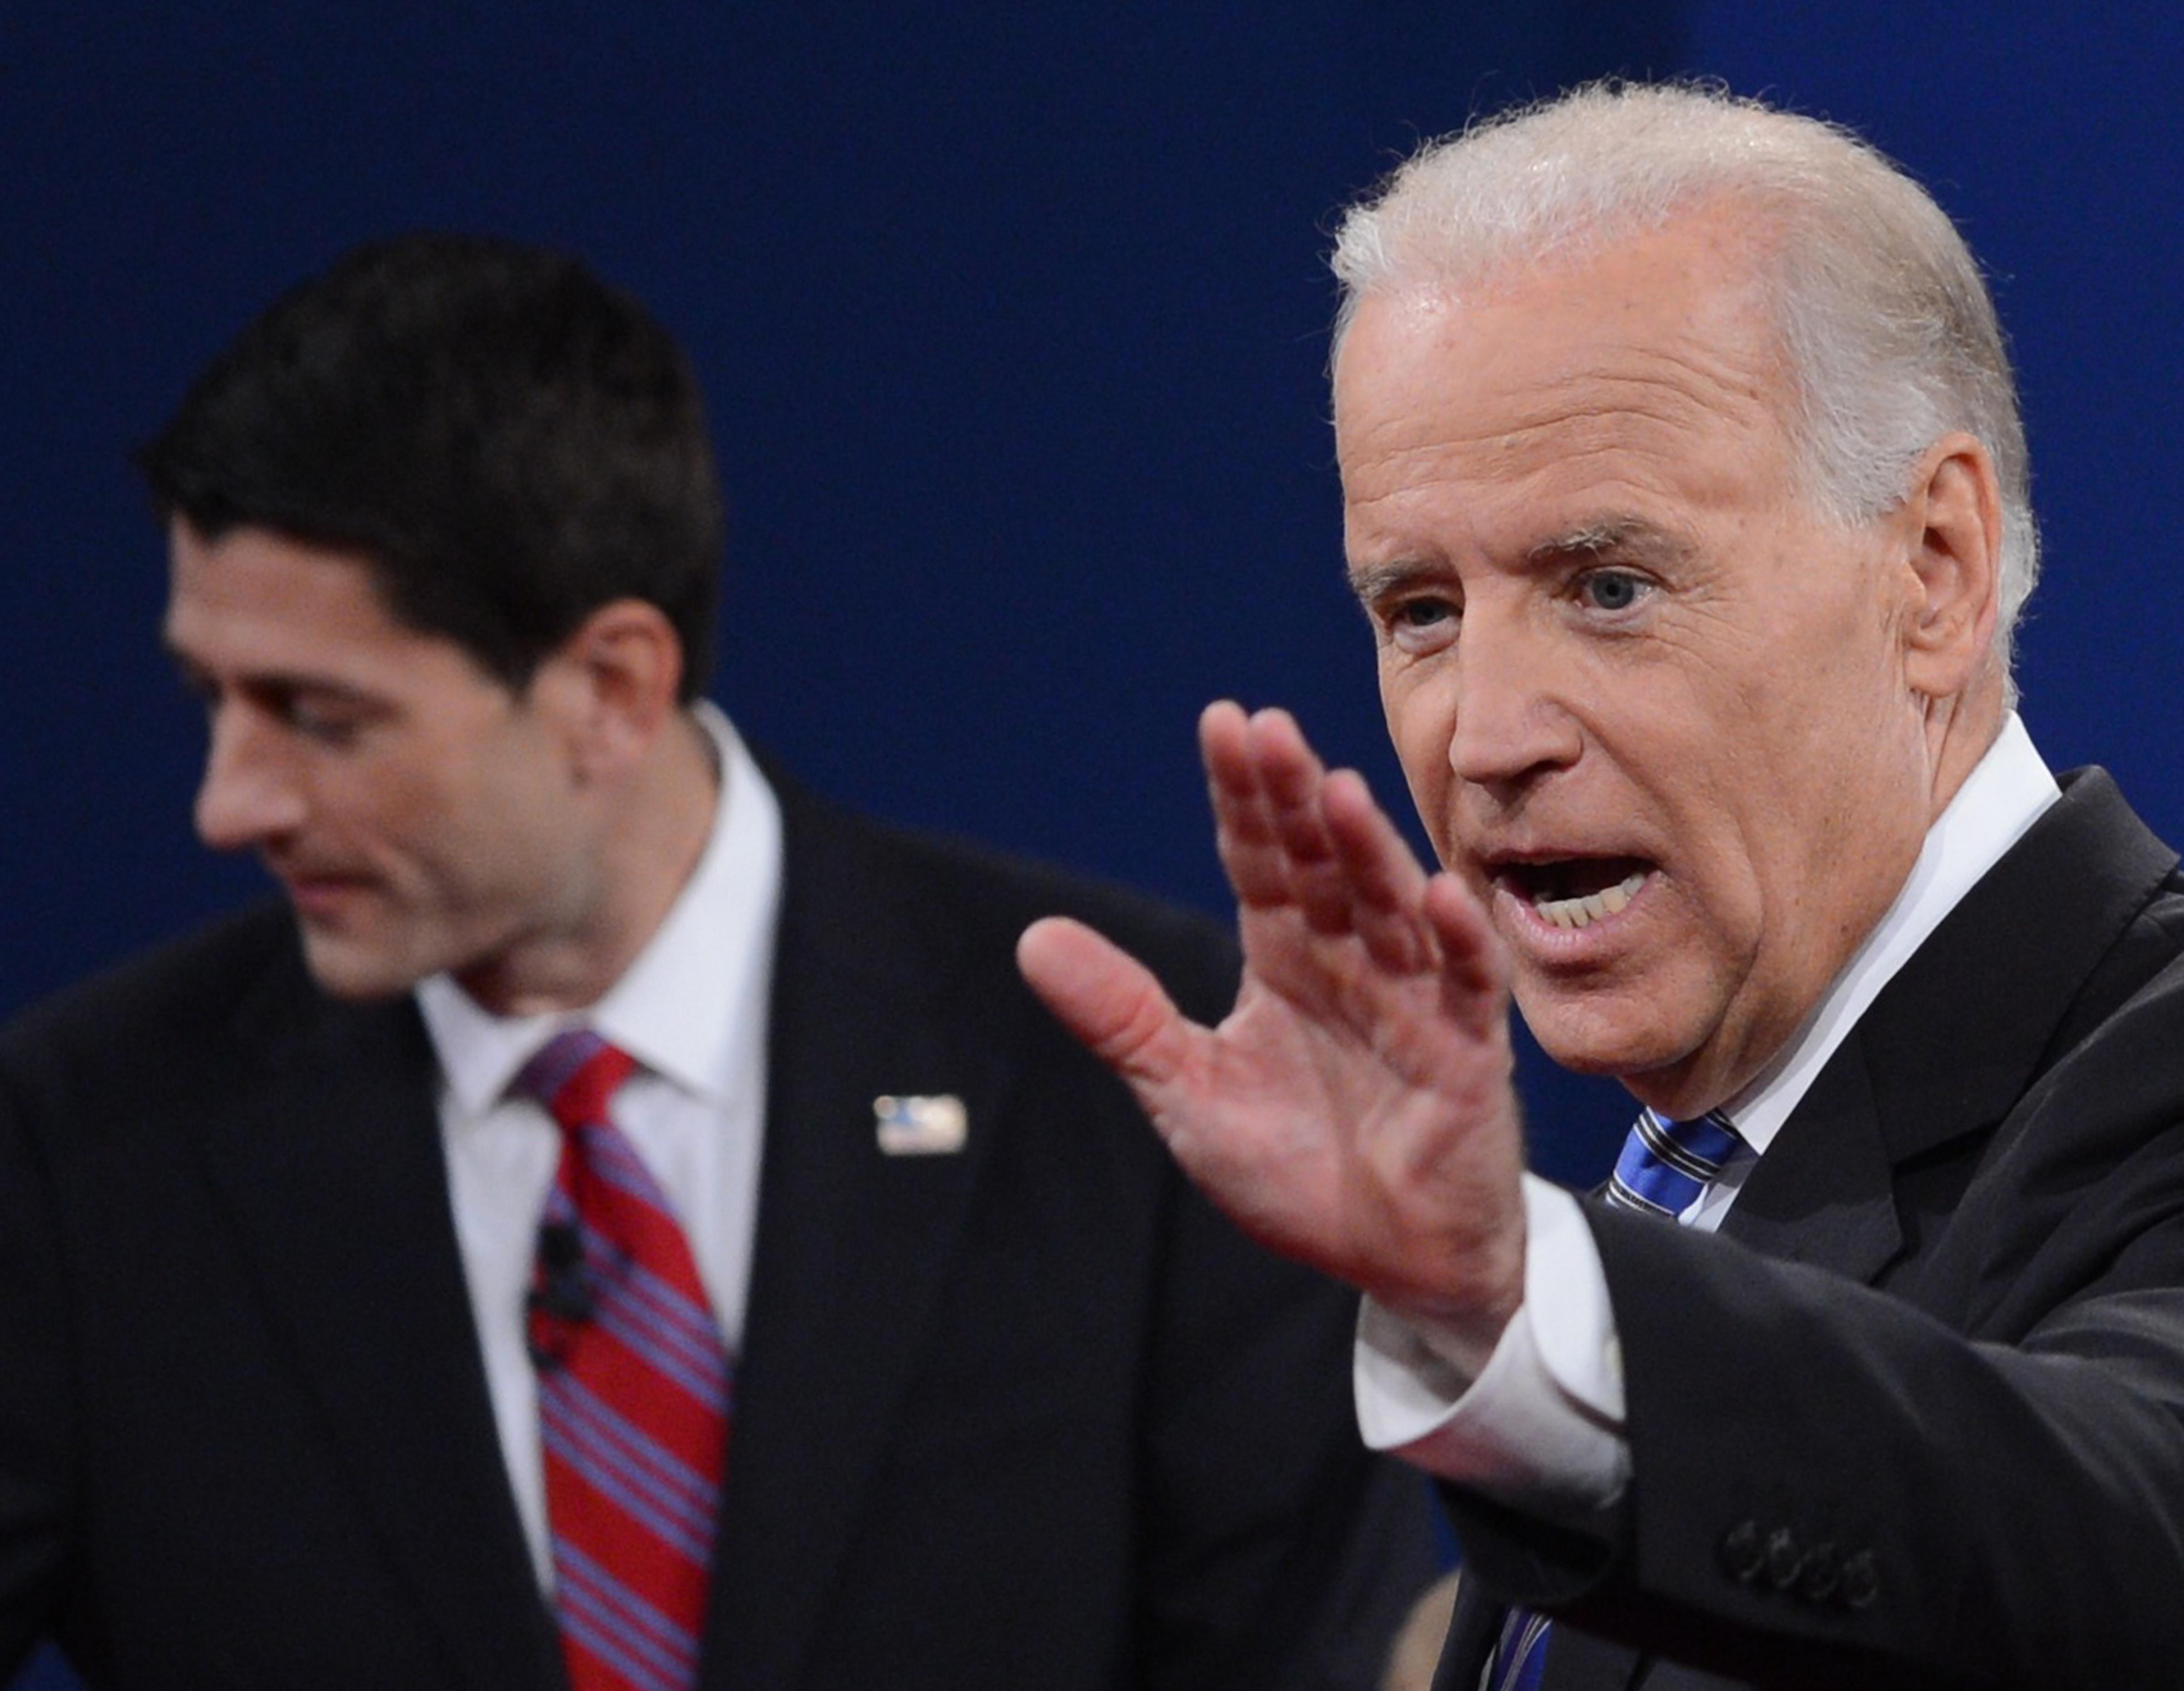 US-VOTE-2012-DEBATE